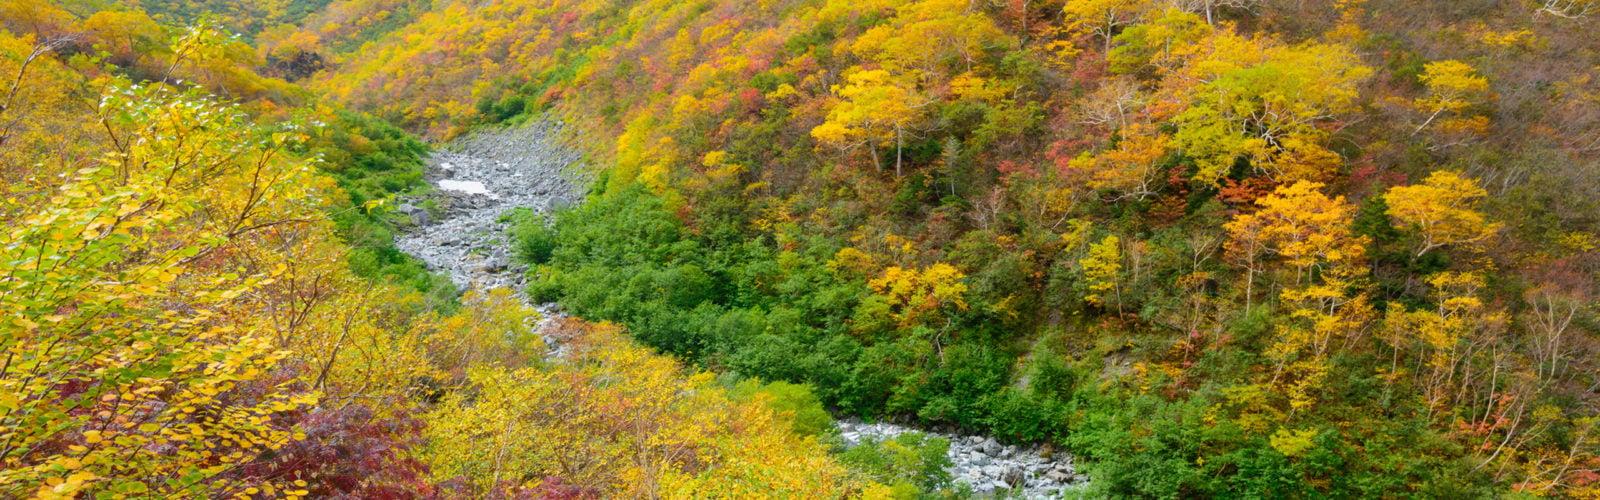 japanese-alps-scenery-autumn